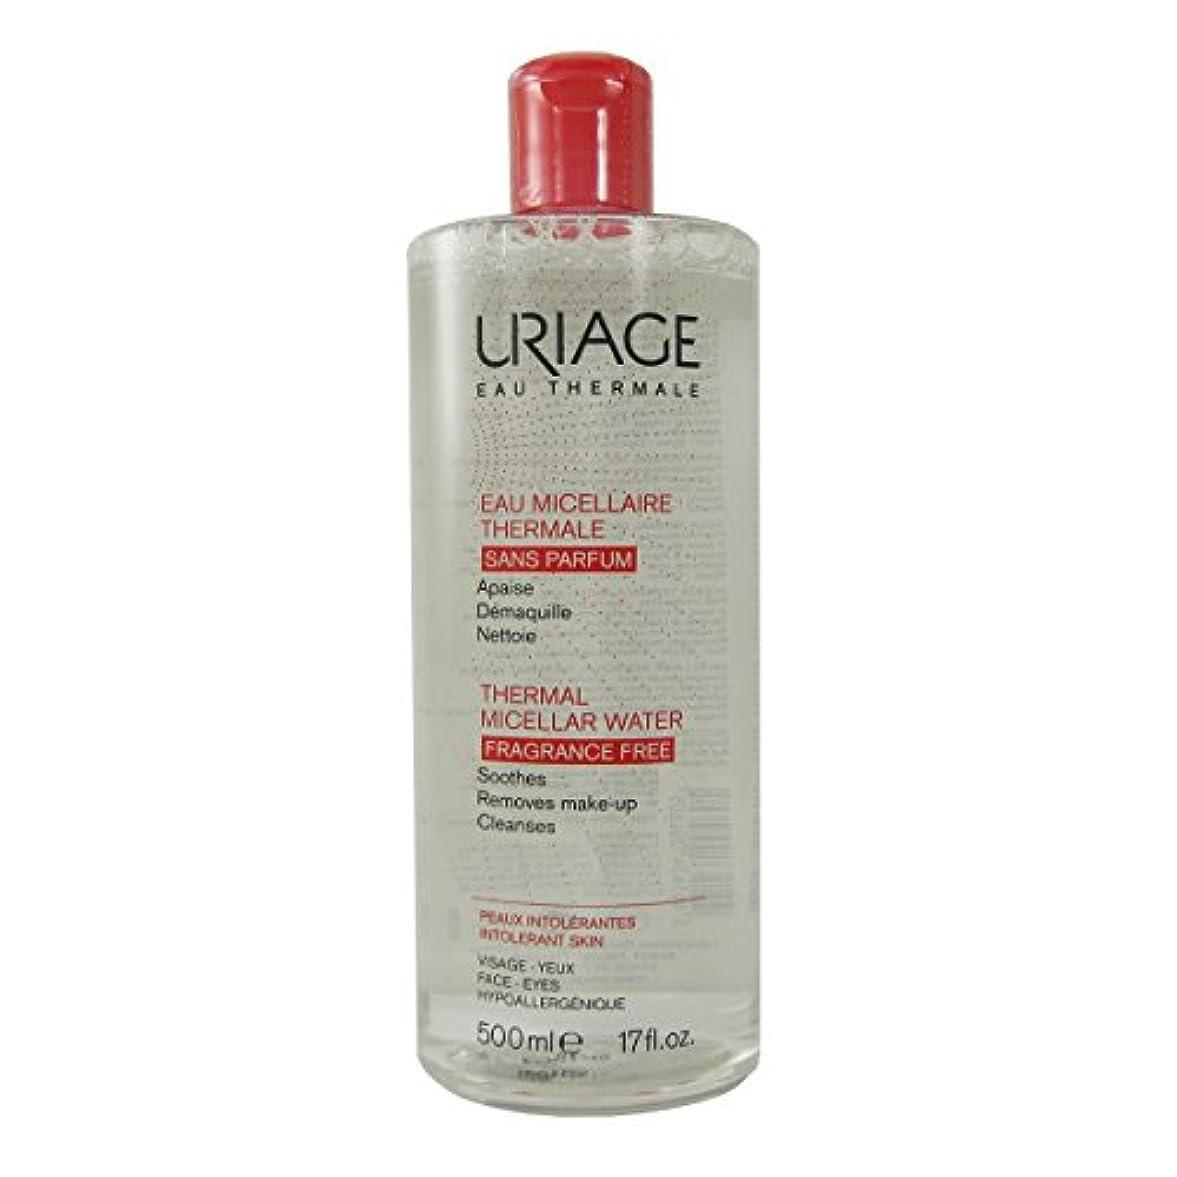 話大通り野なUriage Thermal Micellar Water Fragrance Free Intolerant Skin 500ml [並行輸入品]